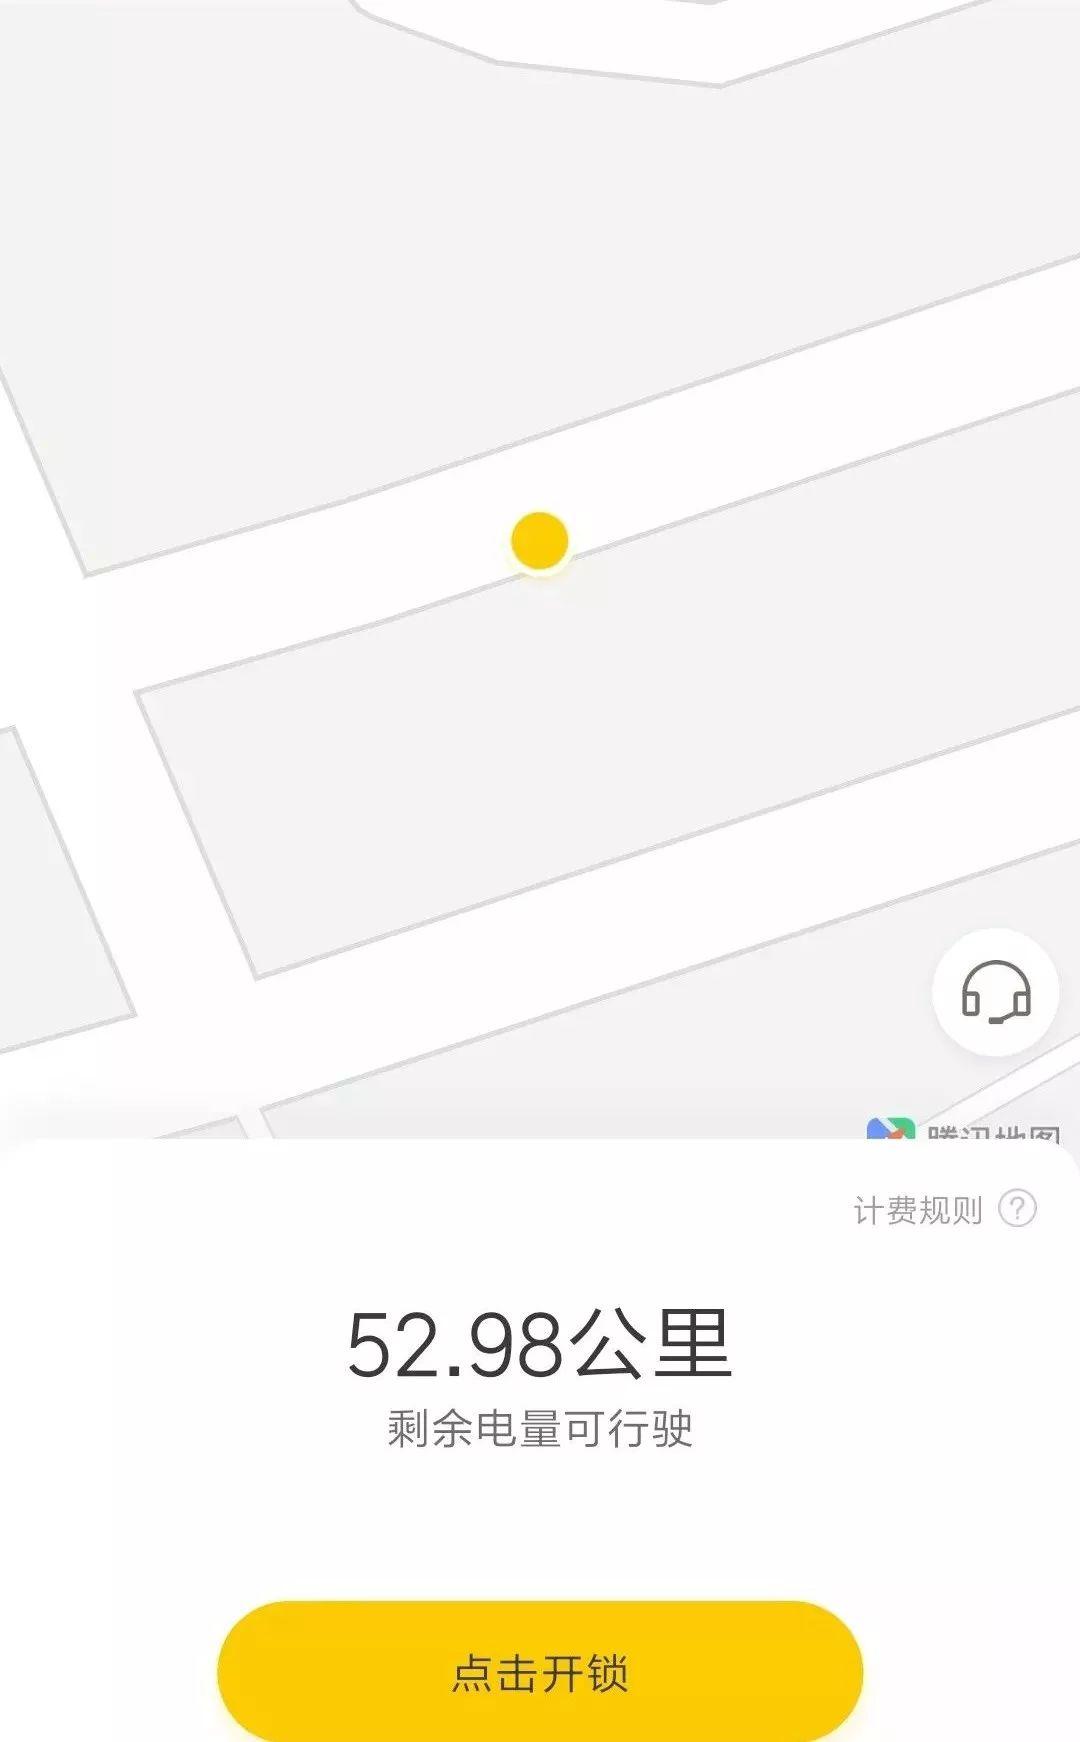 好消息!柏溪街�^�@�F共享��诬�!首�蚊赓M免押金!小��H�y�T行�l�F......